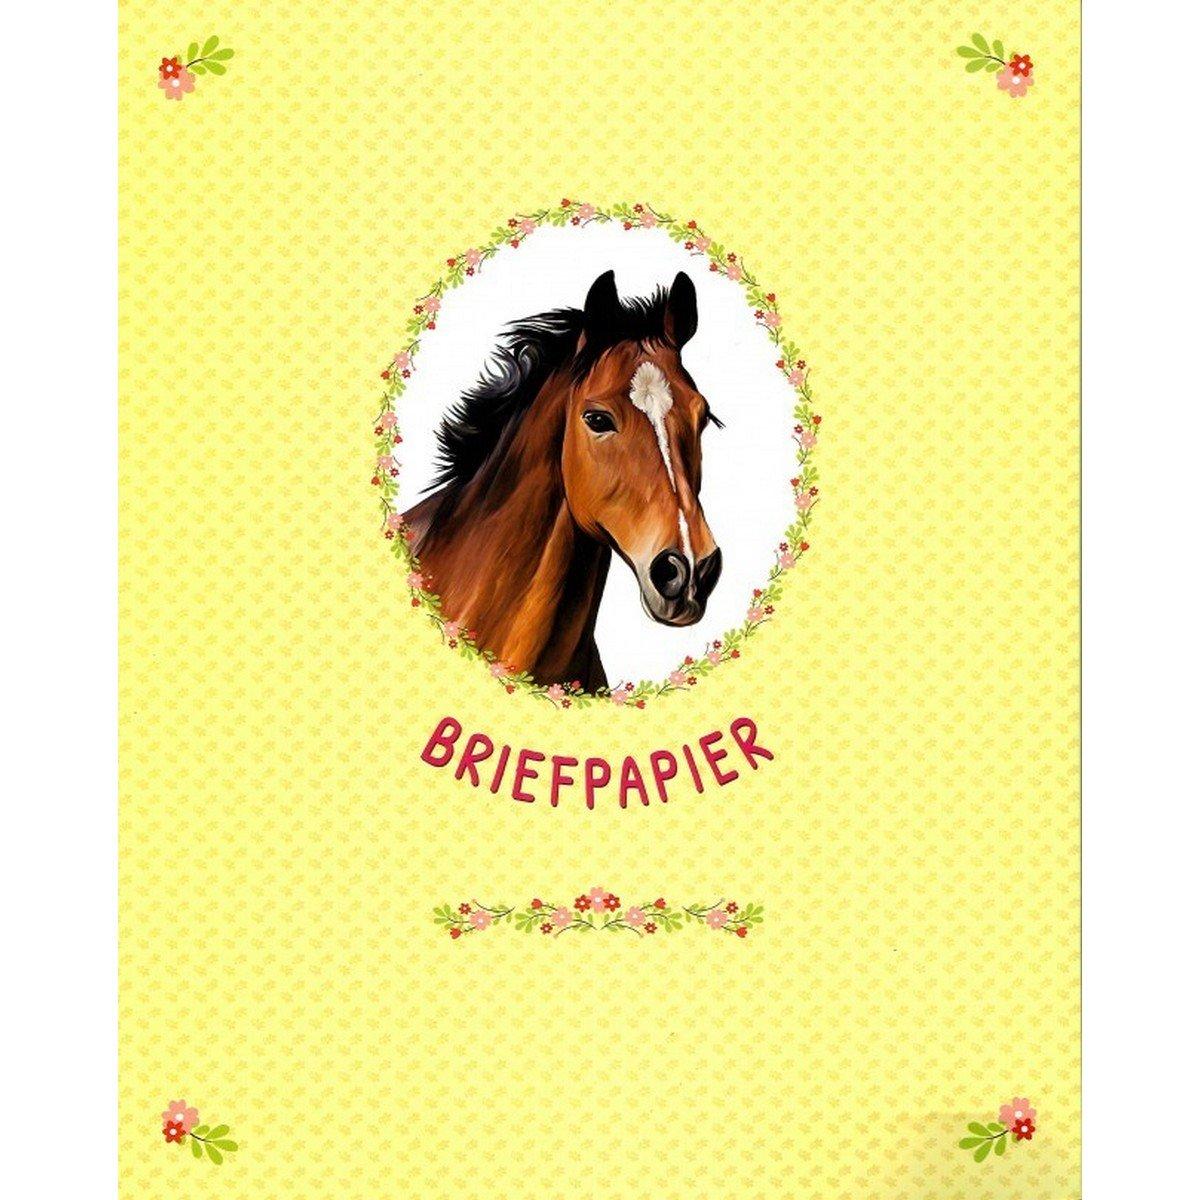 Afbeelding van Briefpapier Paarden